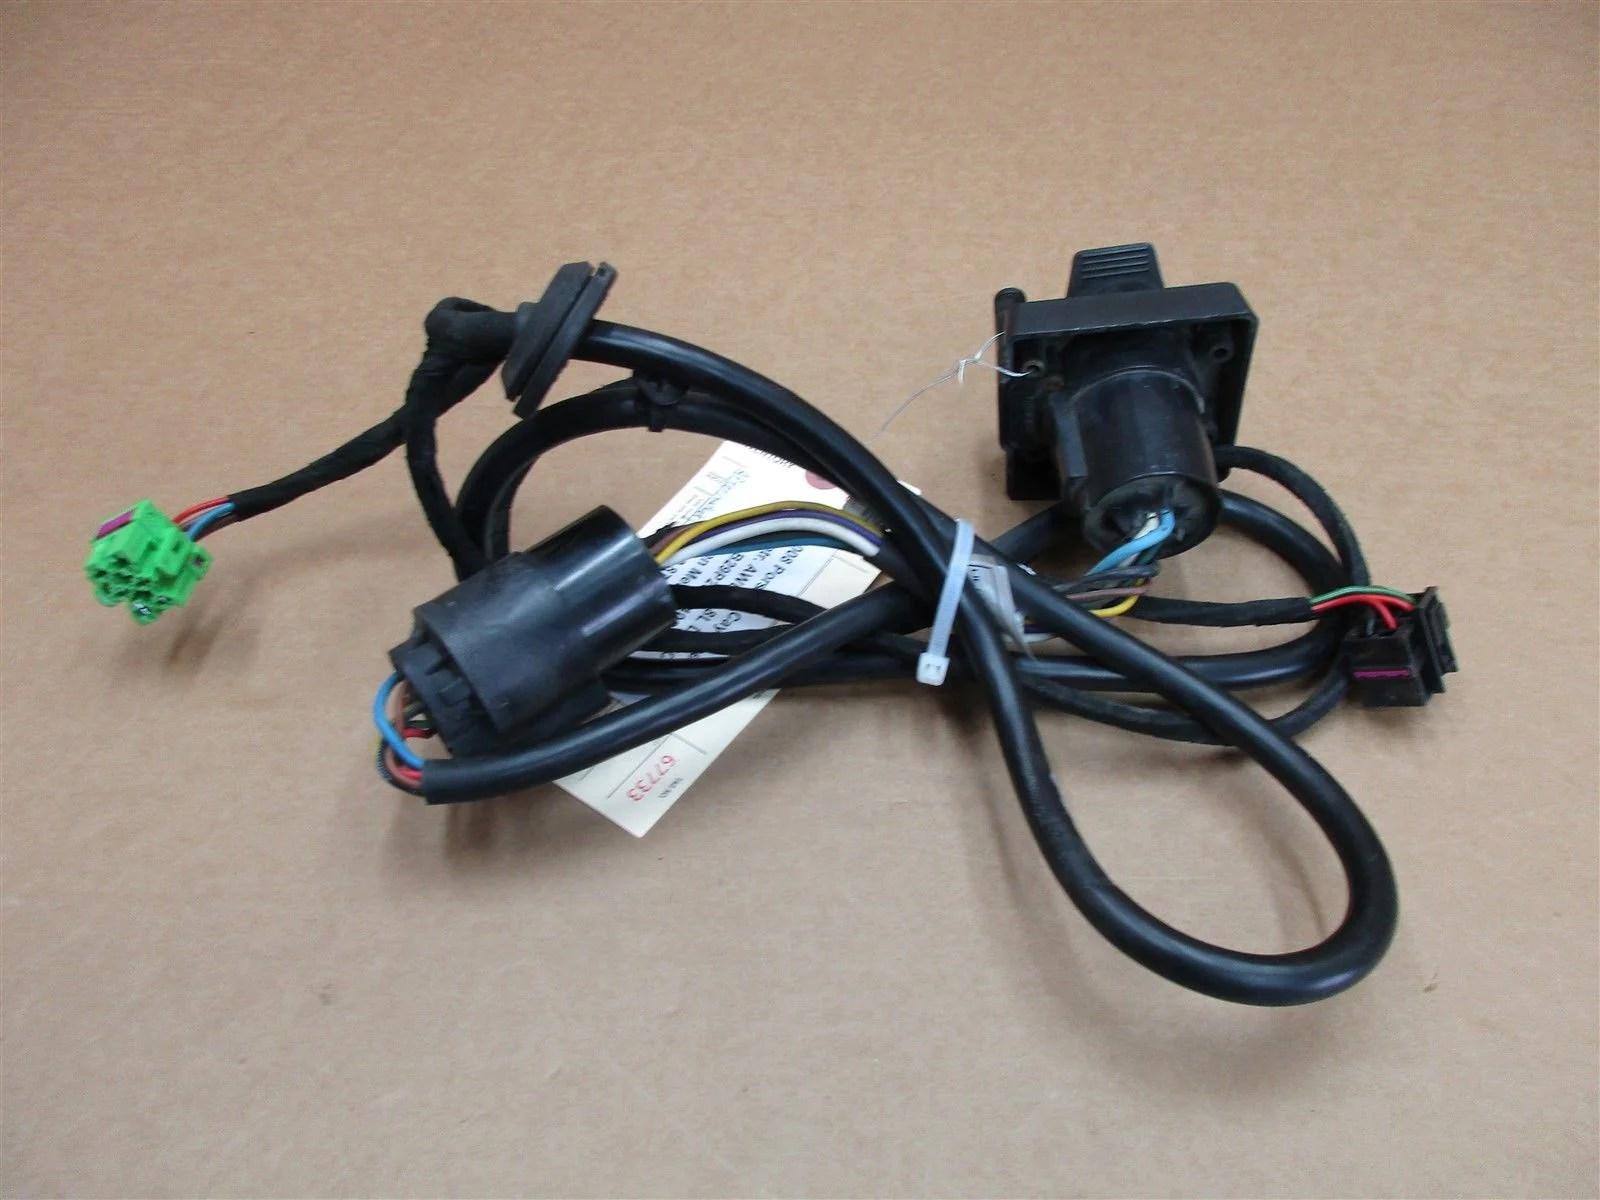 08 cayenne s porsche 957 aftermarket wiring harness u haul 327007321003 122 873 [ 1600 x 1200 Pixel ]